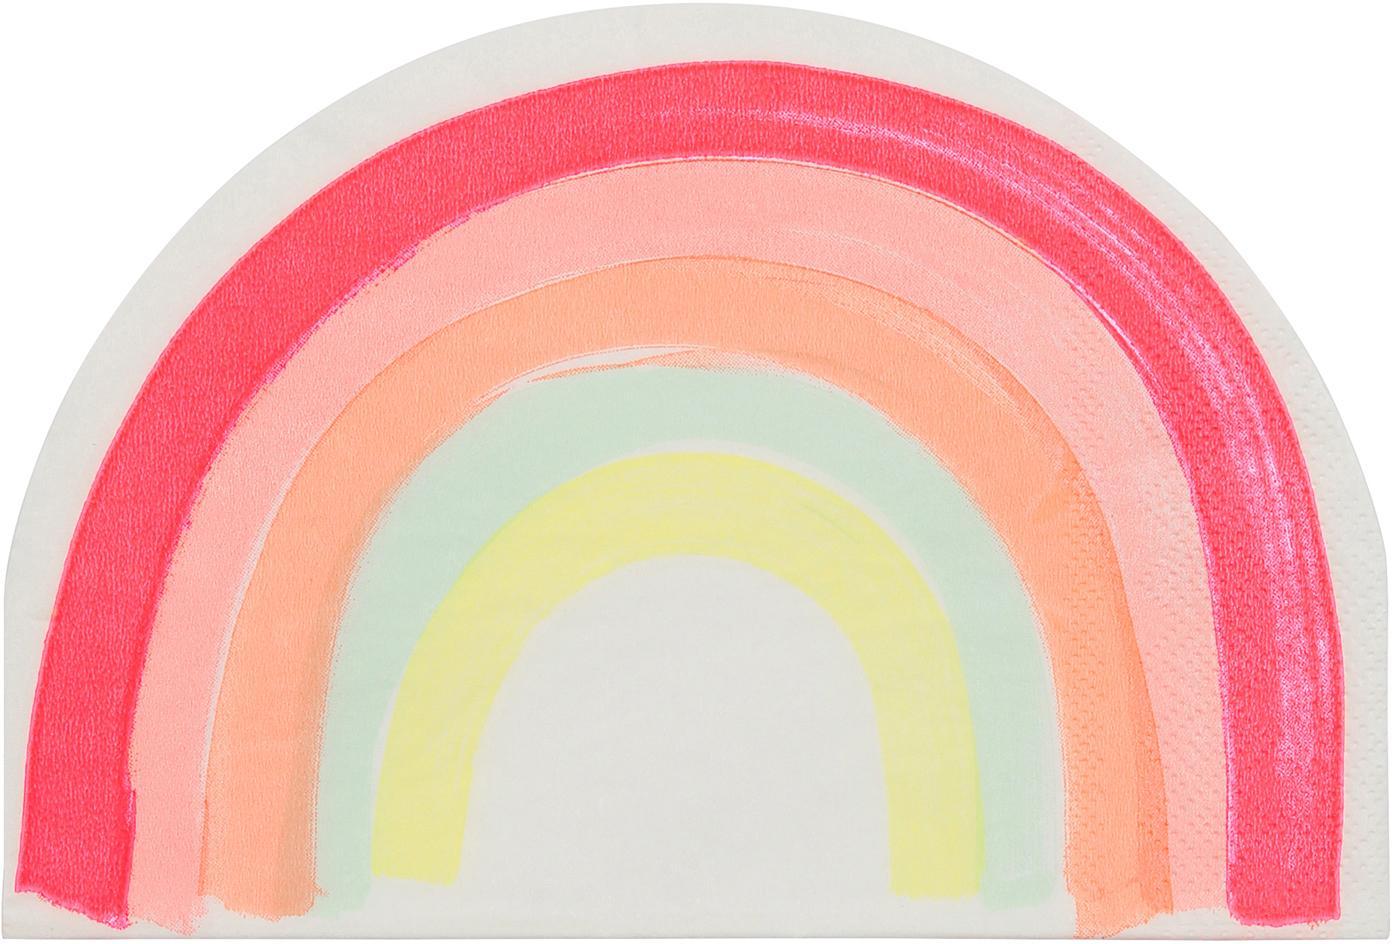 Papieren servetten Rainbow, 20 stuks, Papier, Multicolour, 12 x 17 cm